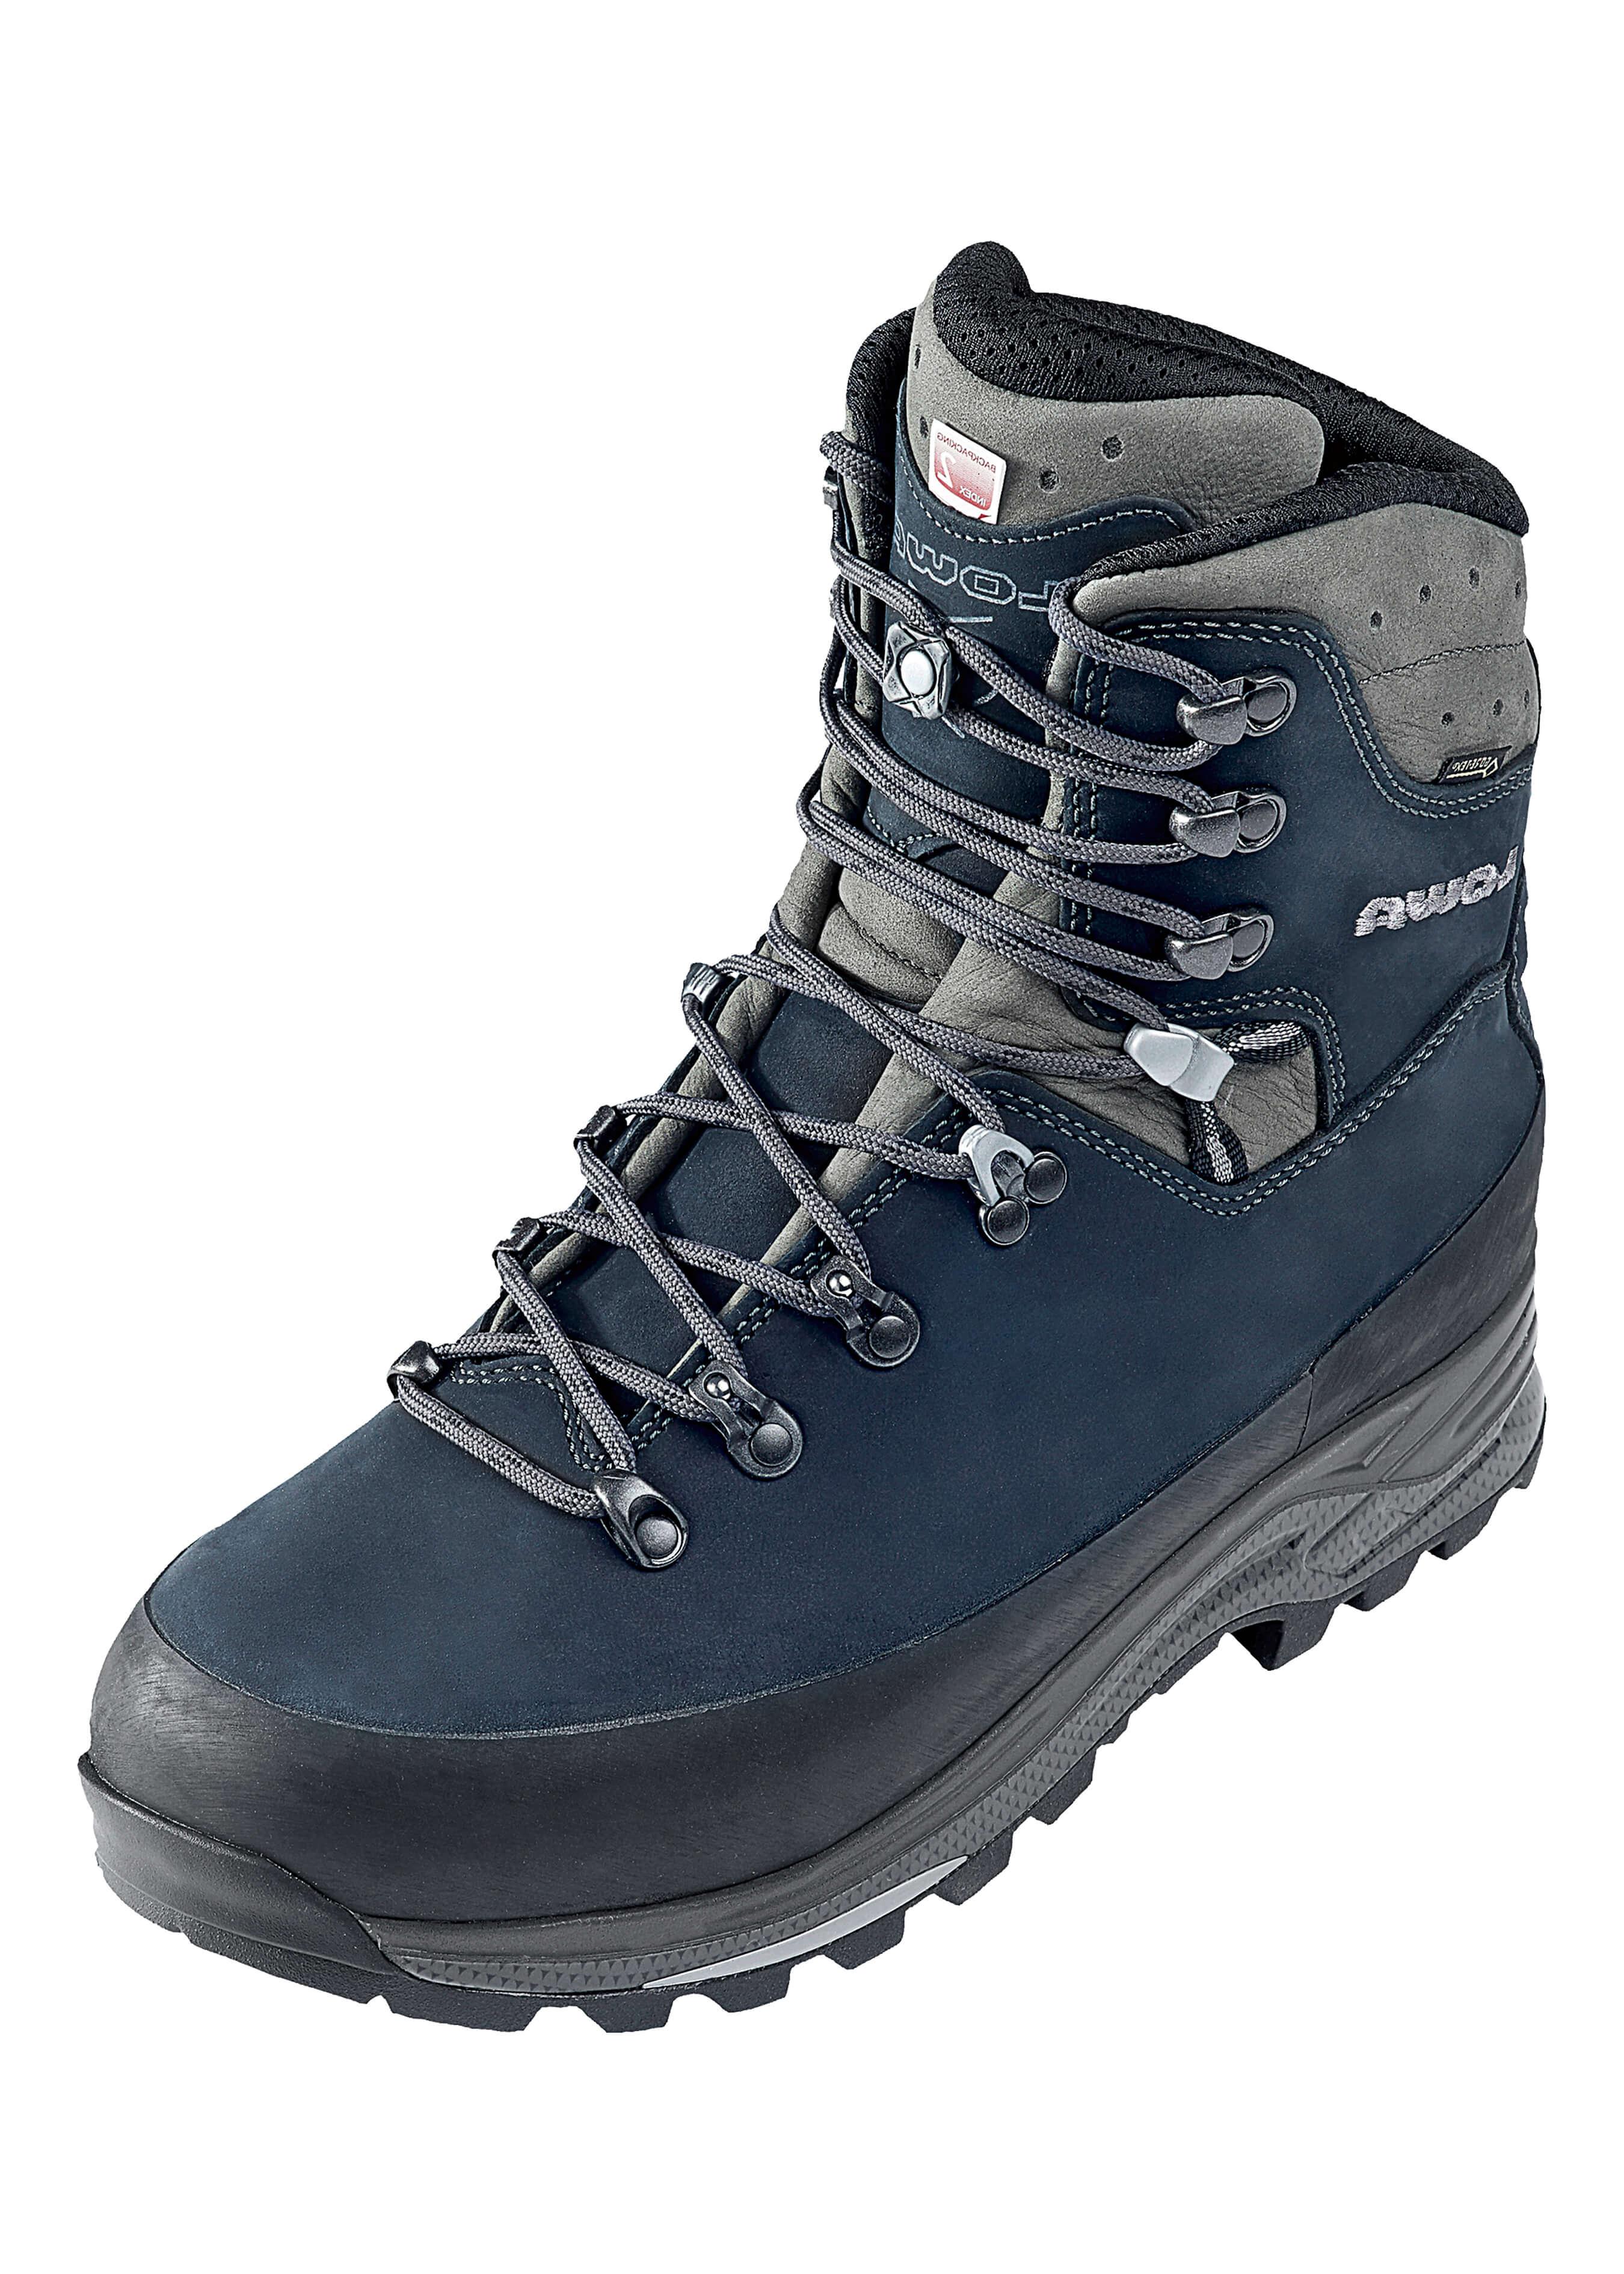 Lowa Trekkingschuh Tipet GTX 41223310 1